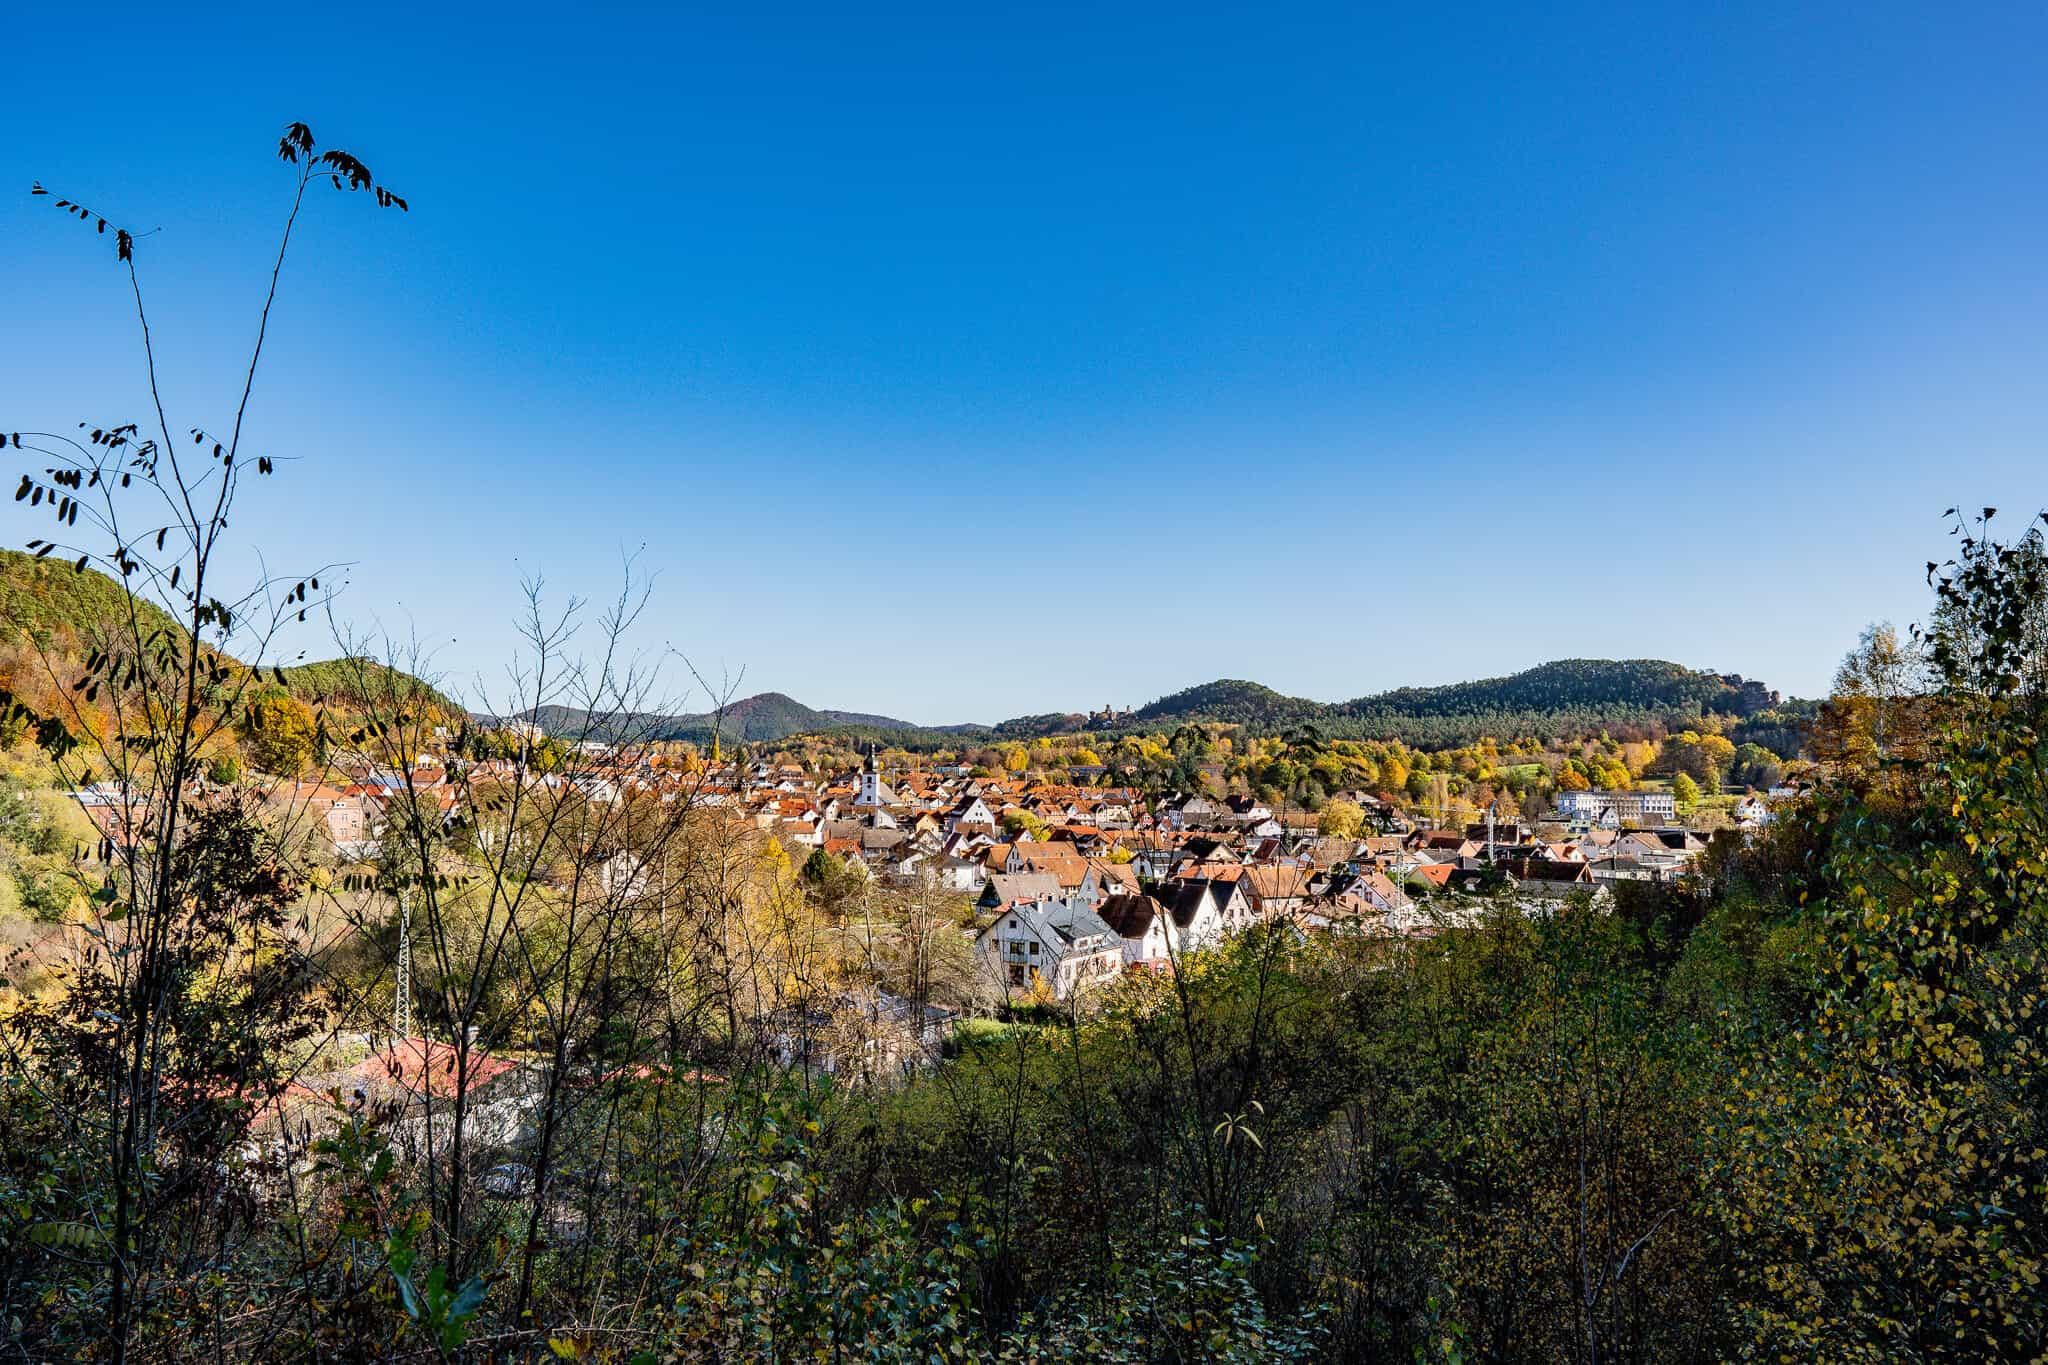 Dahner Felsenpfad Ausblick